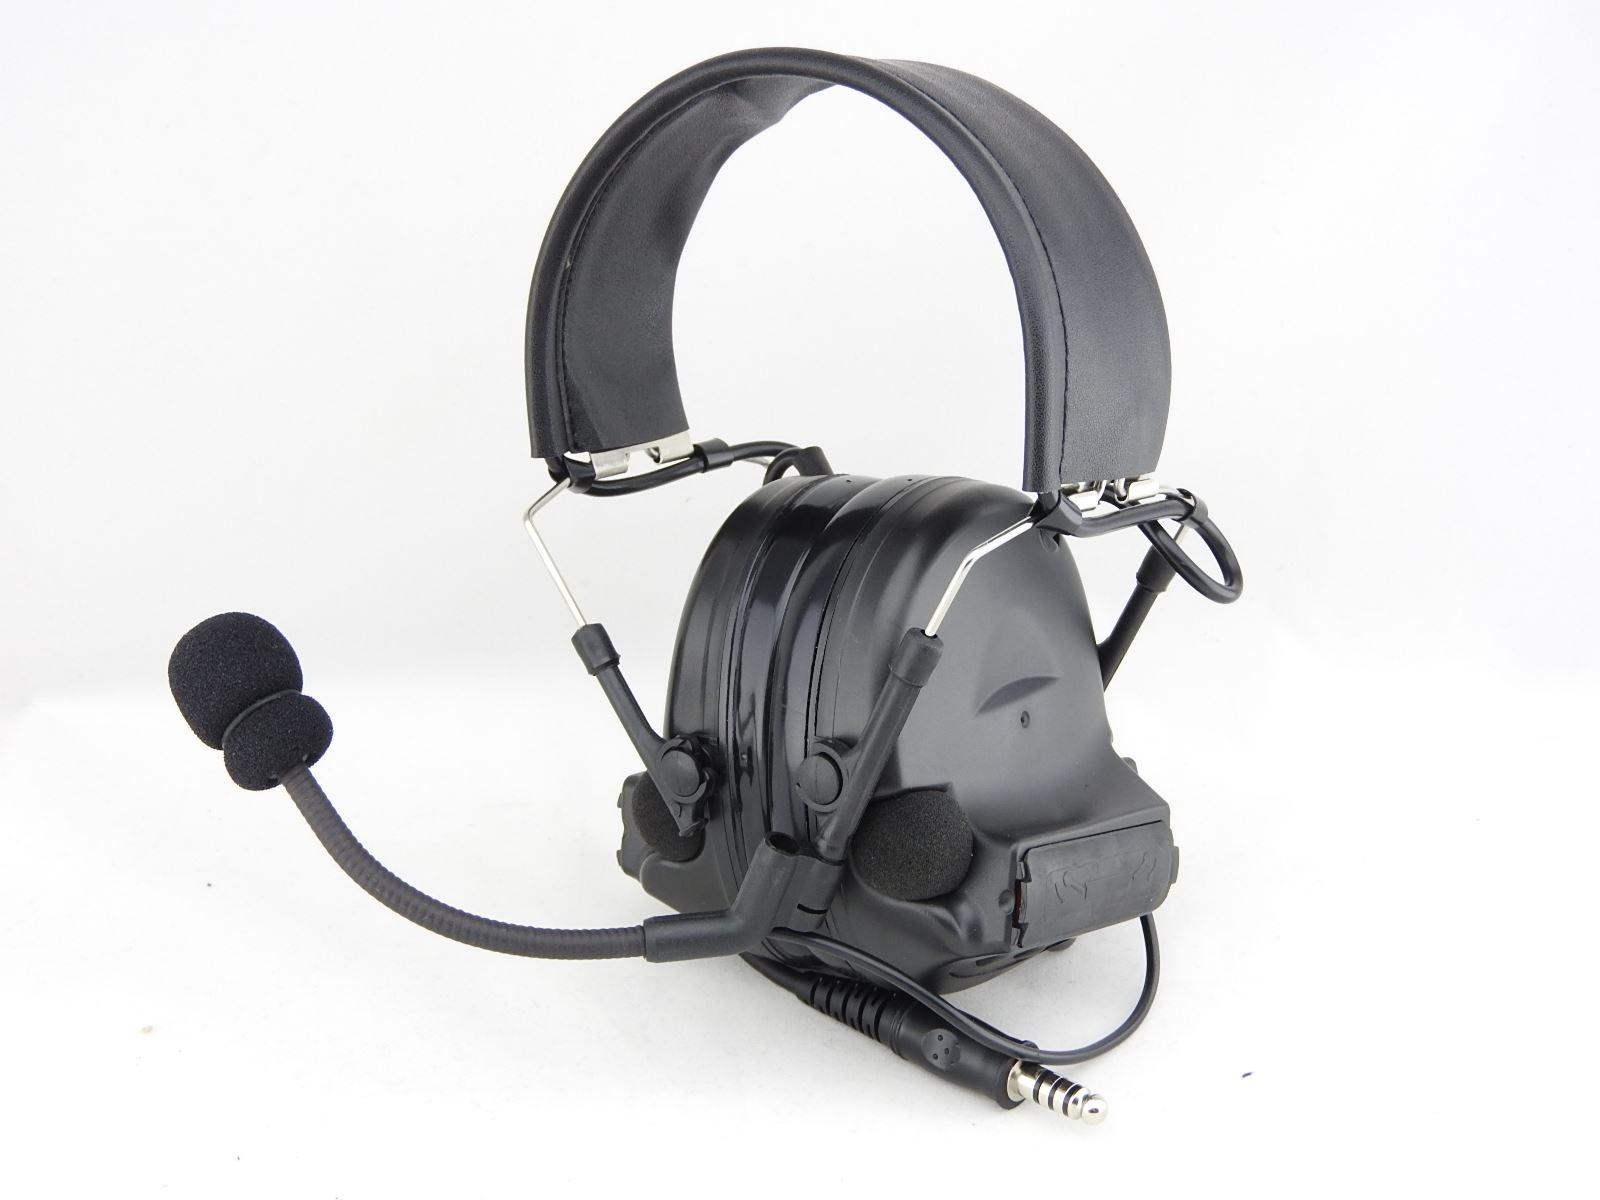 Kit per la Riparazione di Attrezzi per la rimozione di riparazioni Audio del cruscotto della Porta per autoradio Leaftree